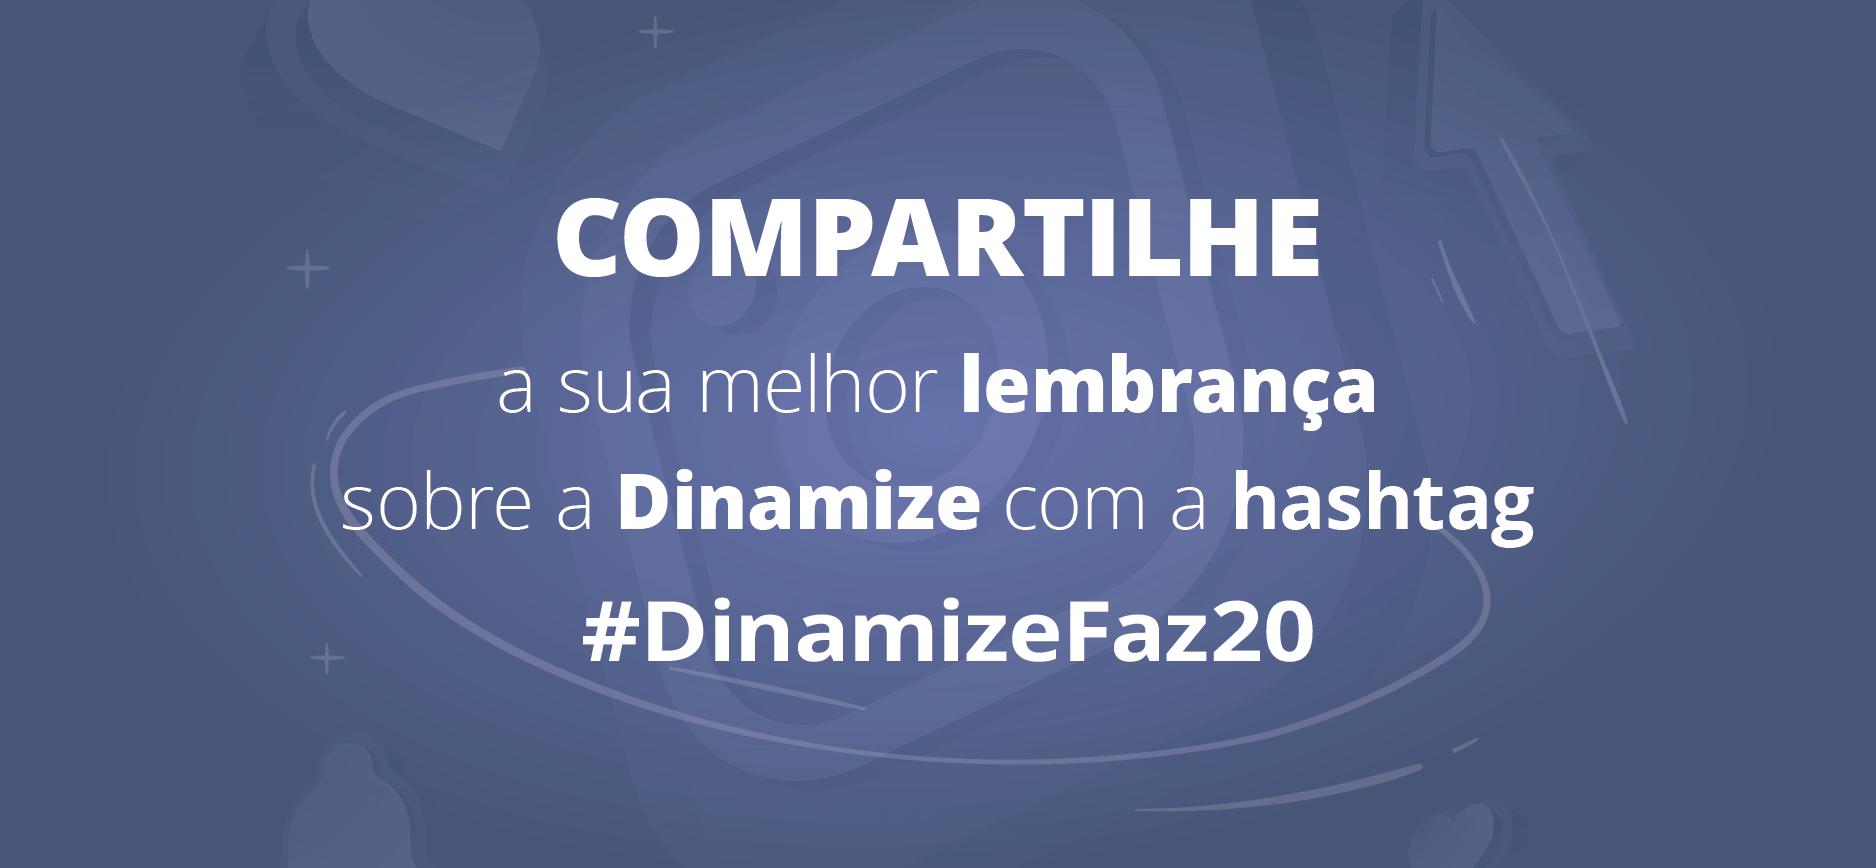 Dinamize faz 20 - Compartilhe suas histórias com a gente